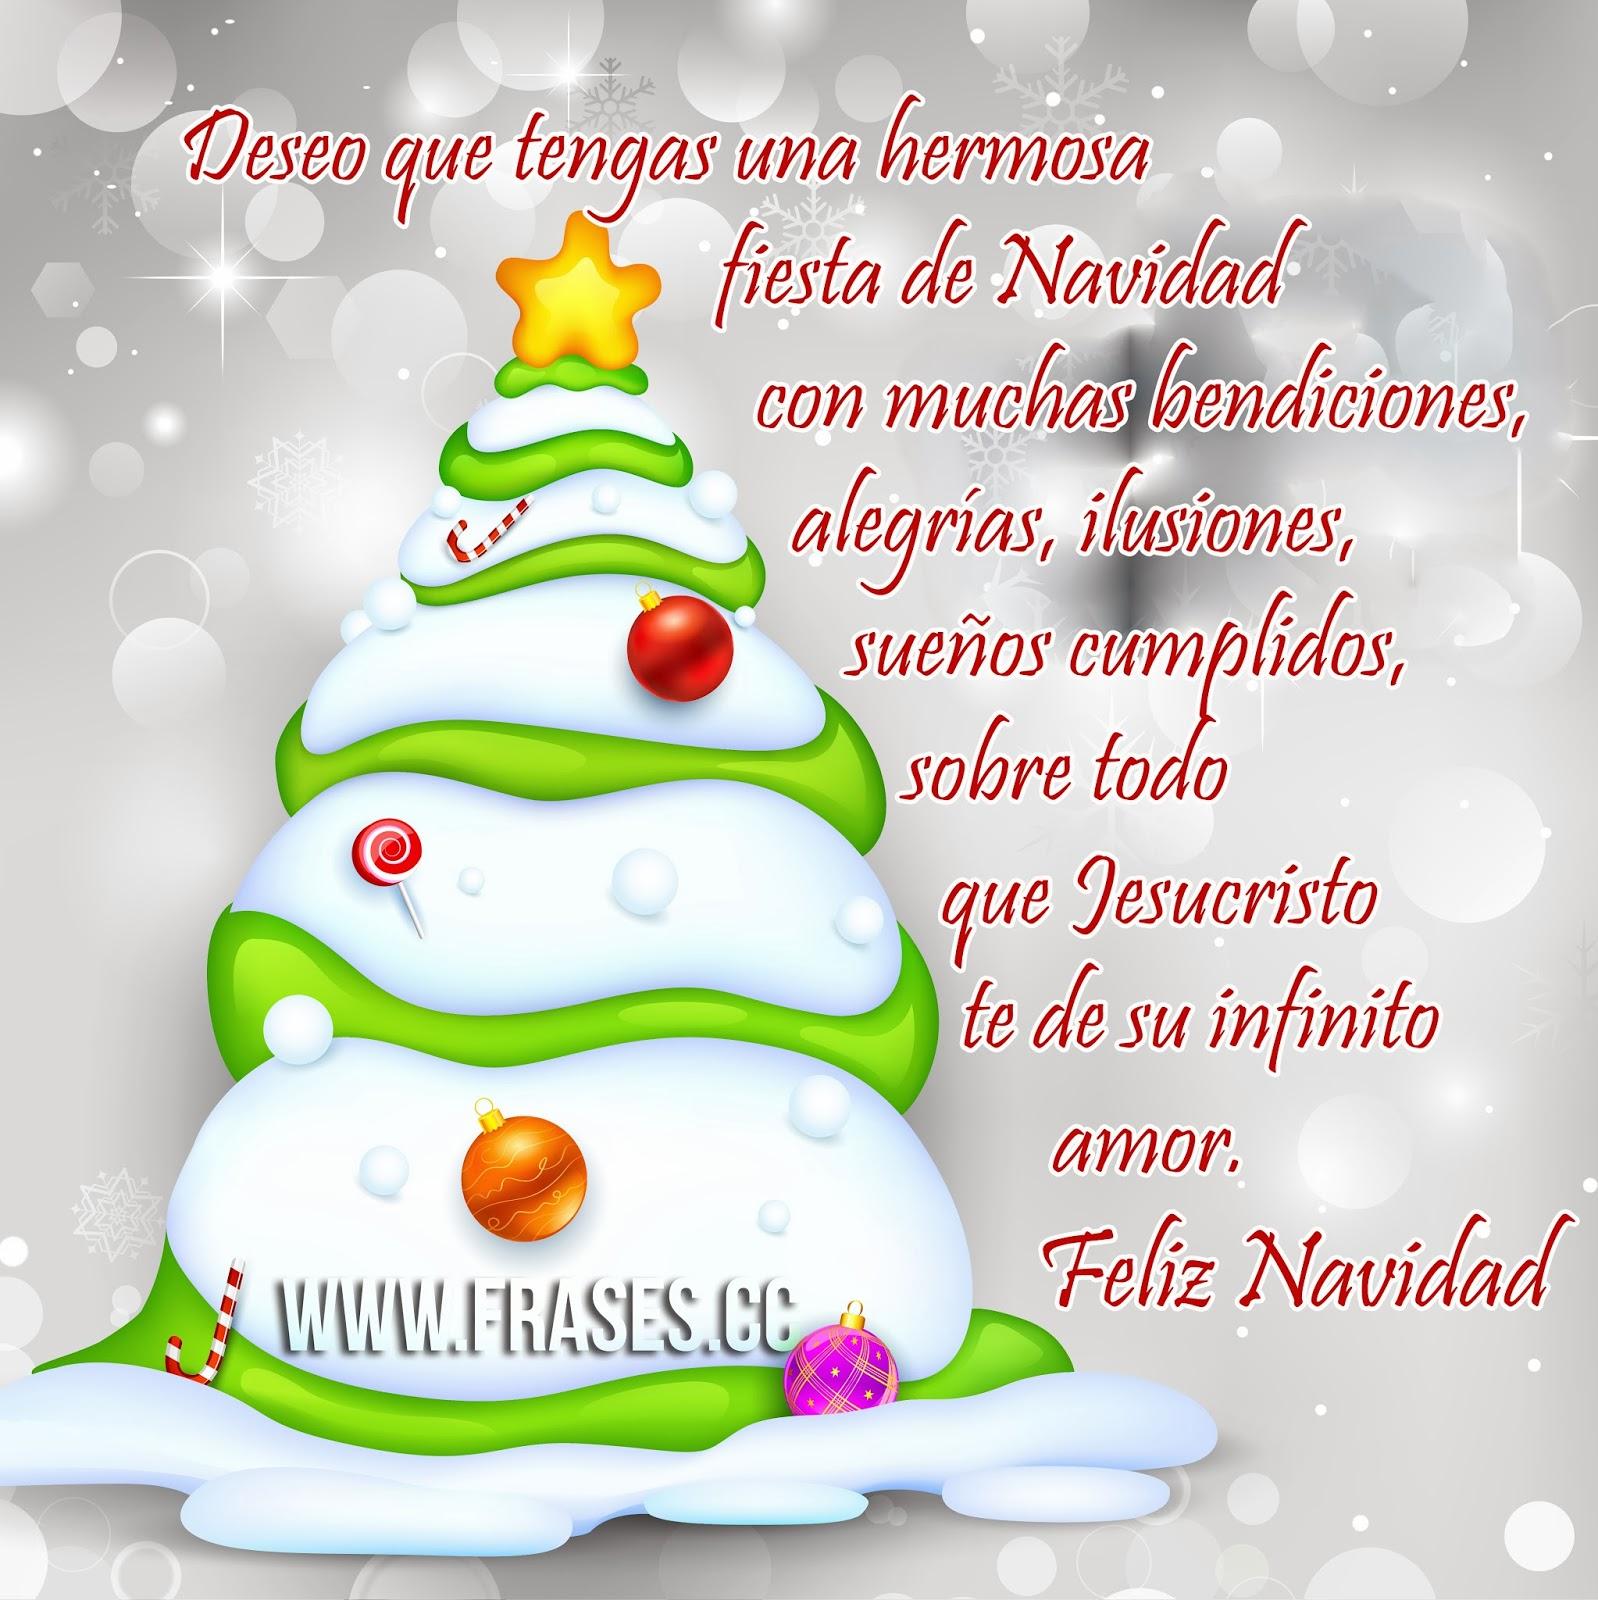 hermosa fiesta de Navidad con muchas bendiciones alegras ilusiones sue±os cumplidos sobre todo que Jesucristo te de su infinito amor Feliz Navidad